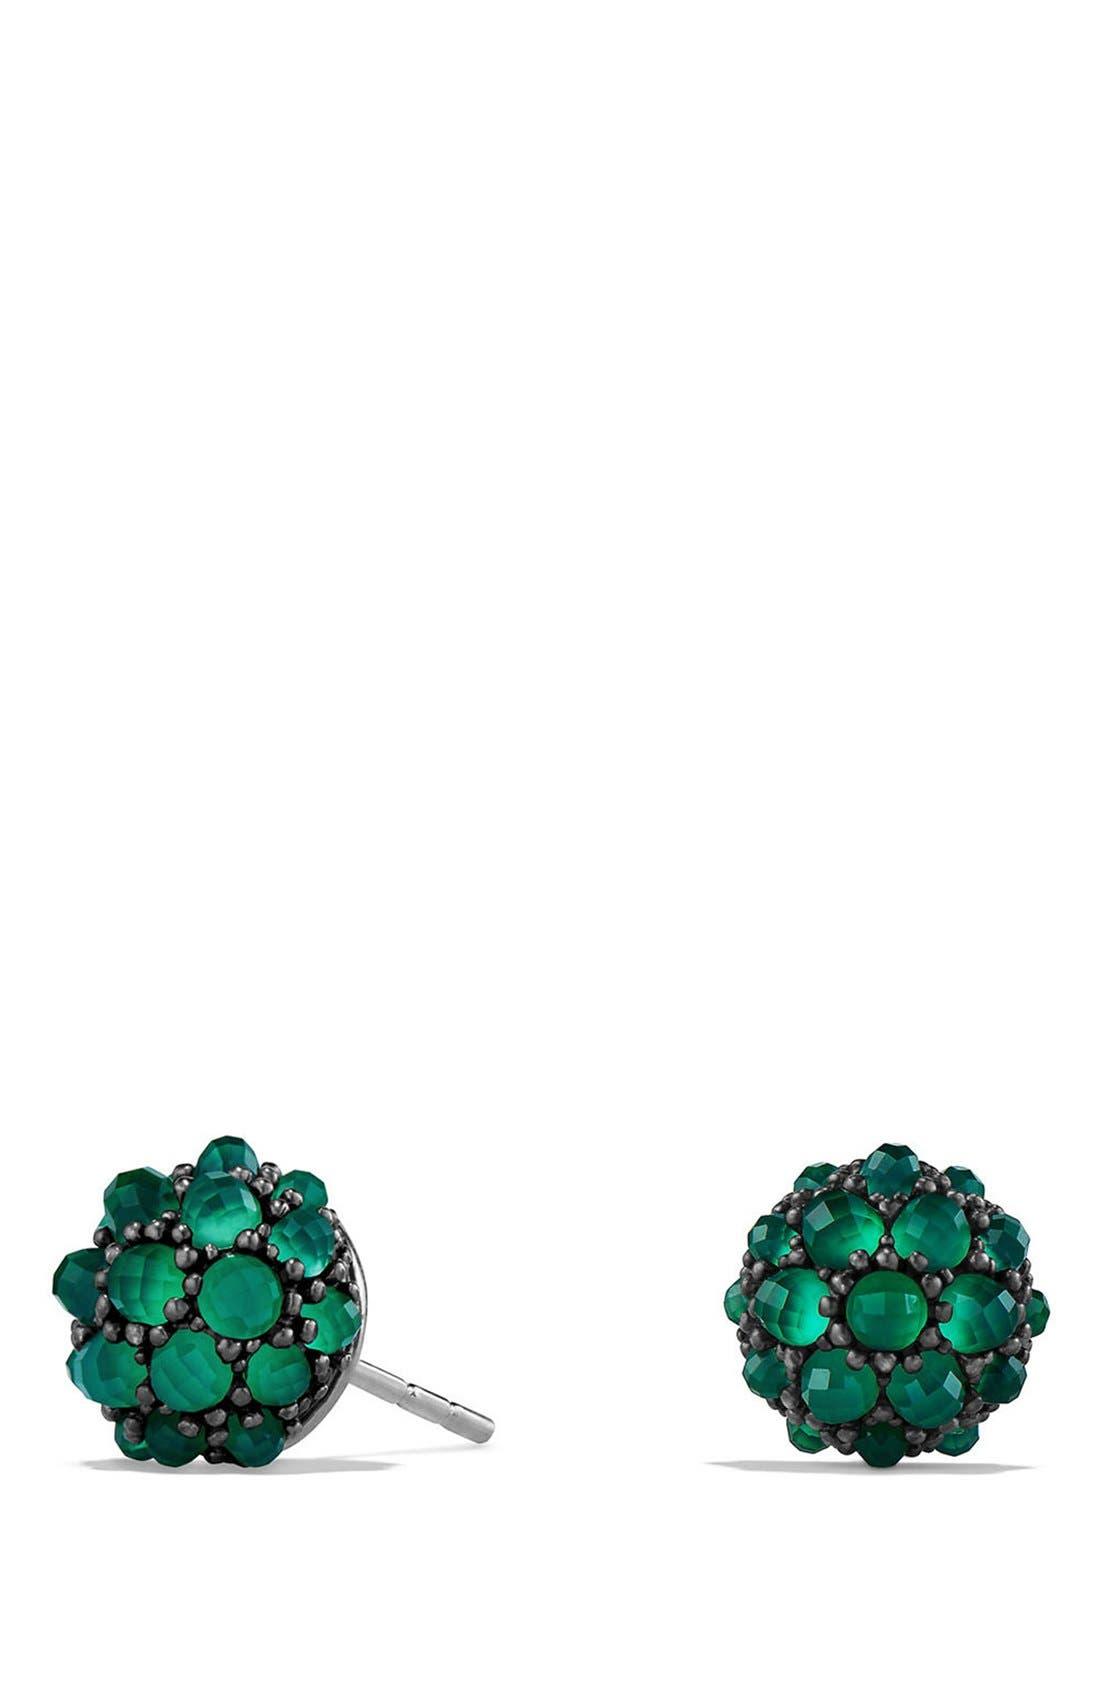 Main Image - David Yurman Osetra Stud Earrings